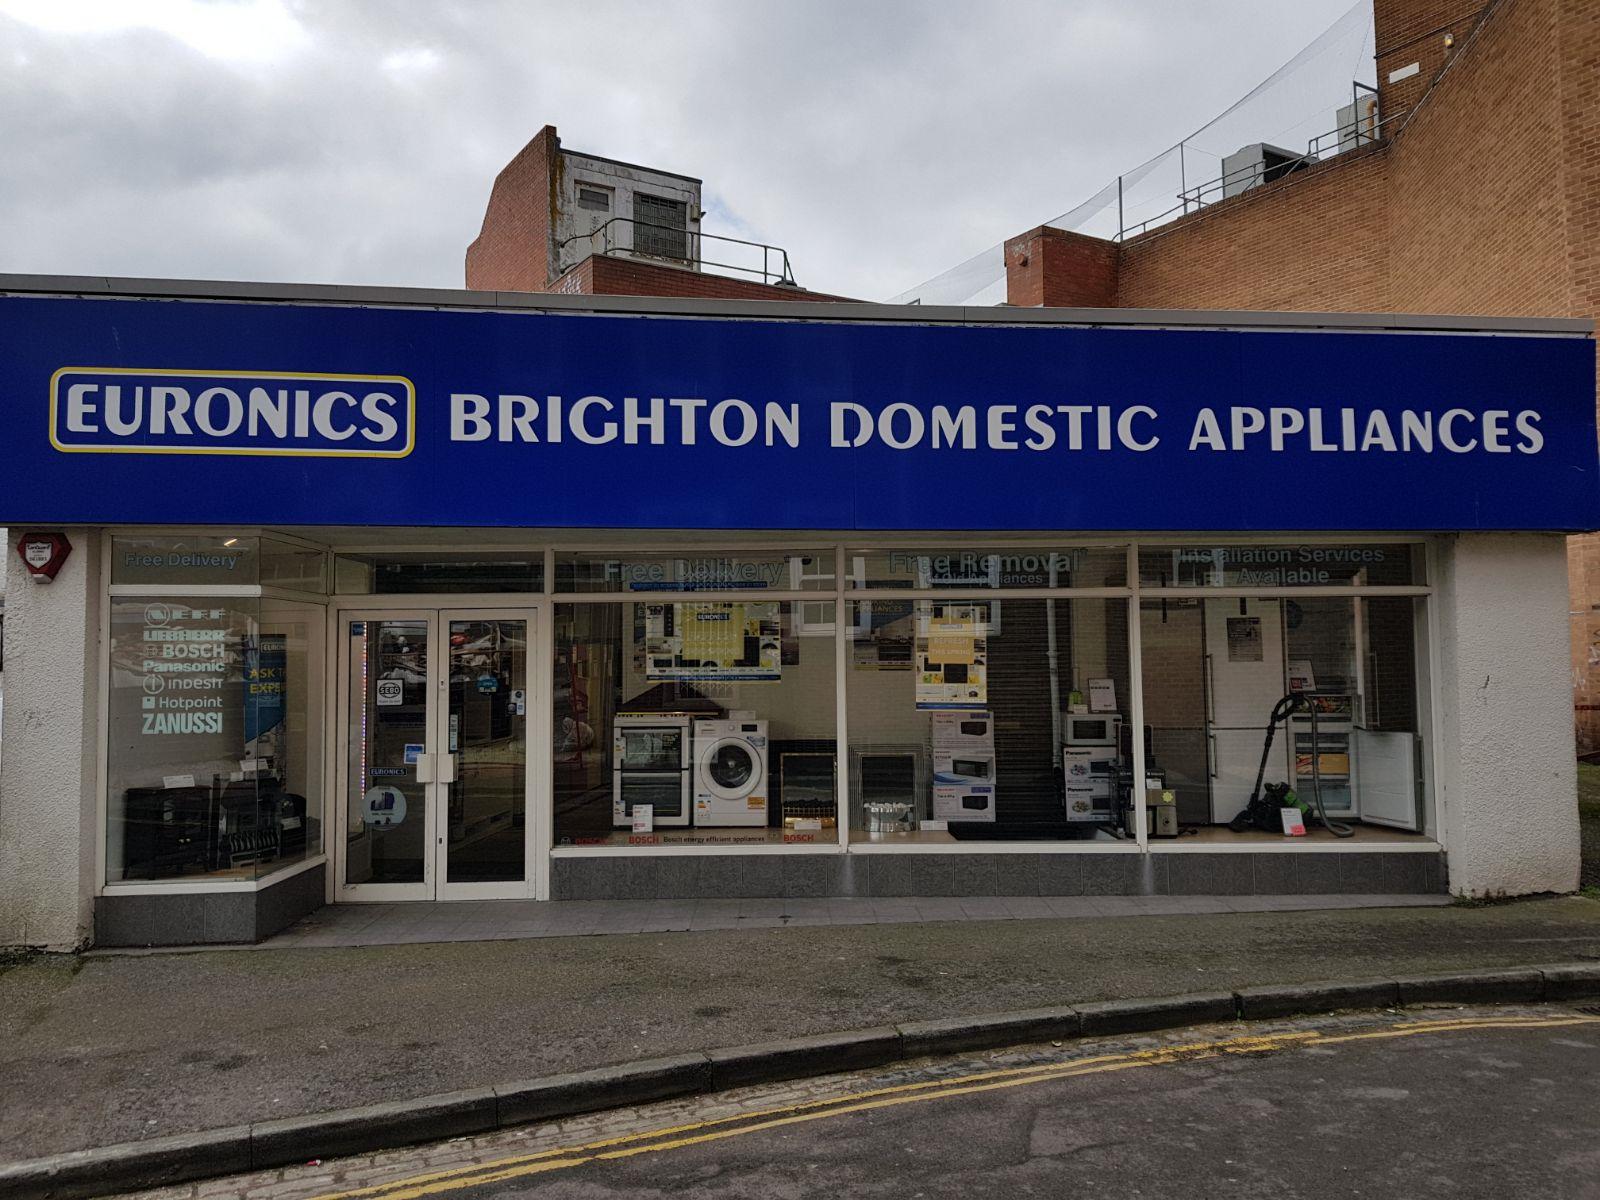 Brighton Domestic Appliances